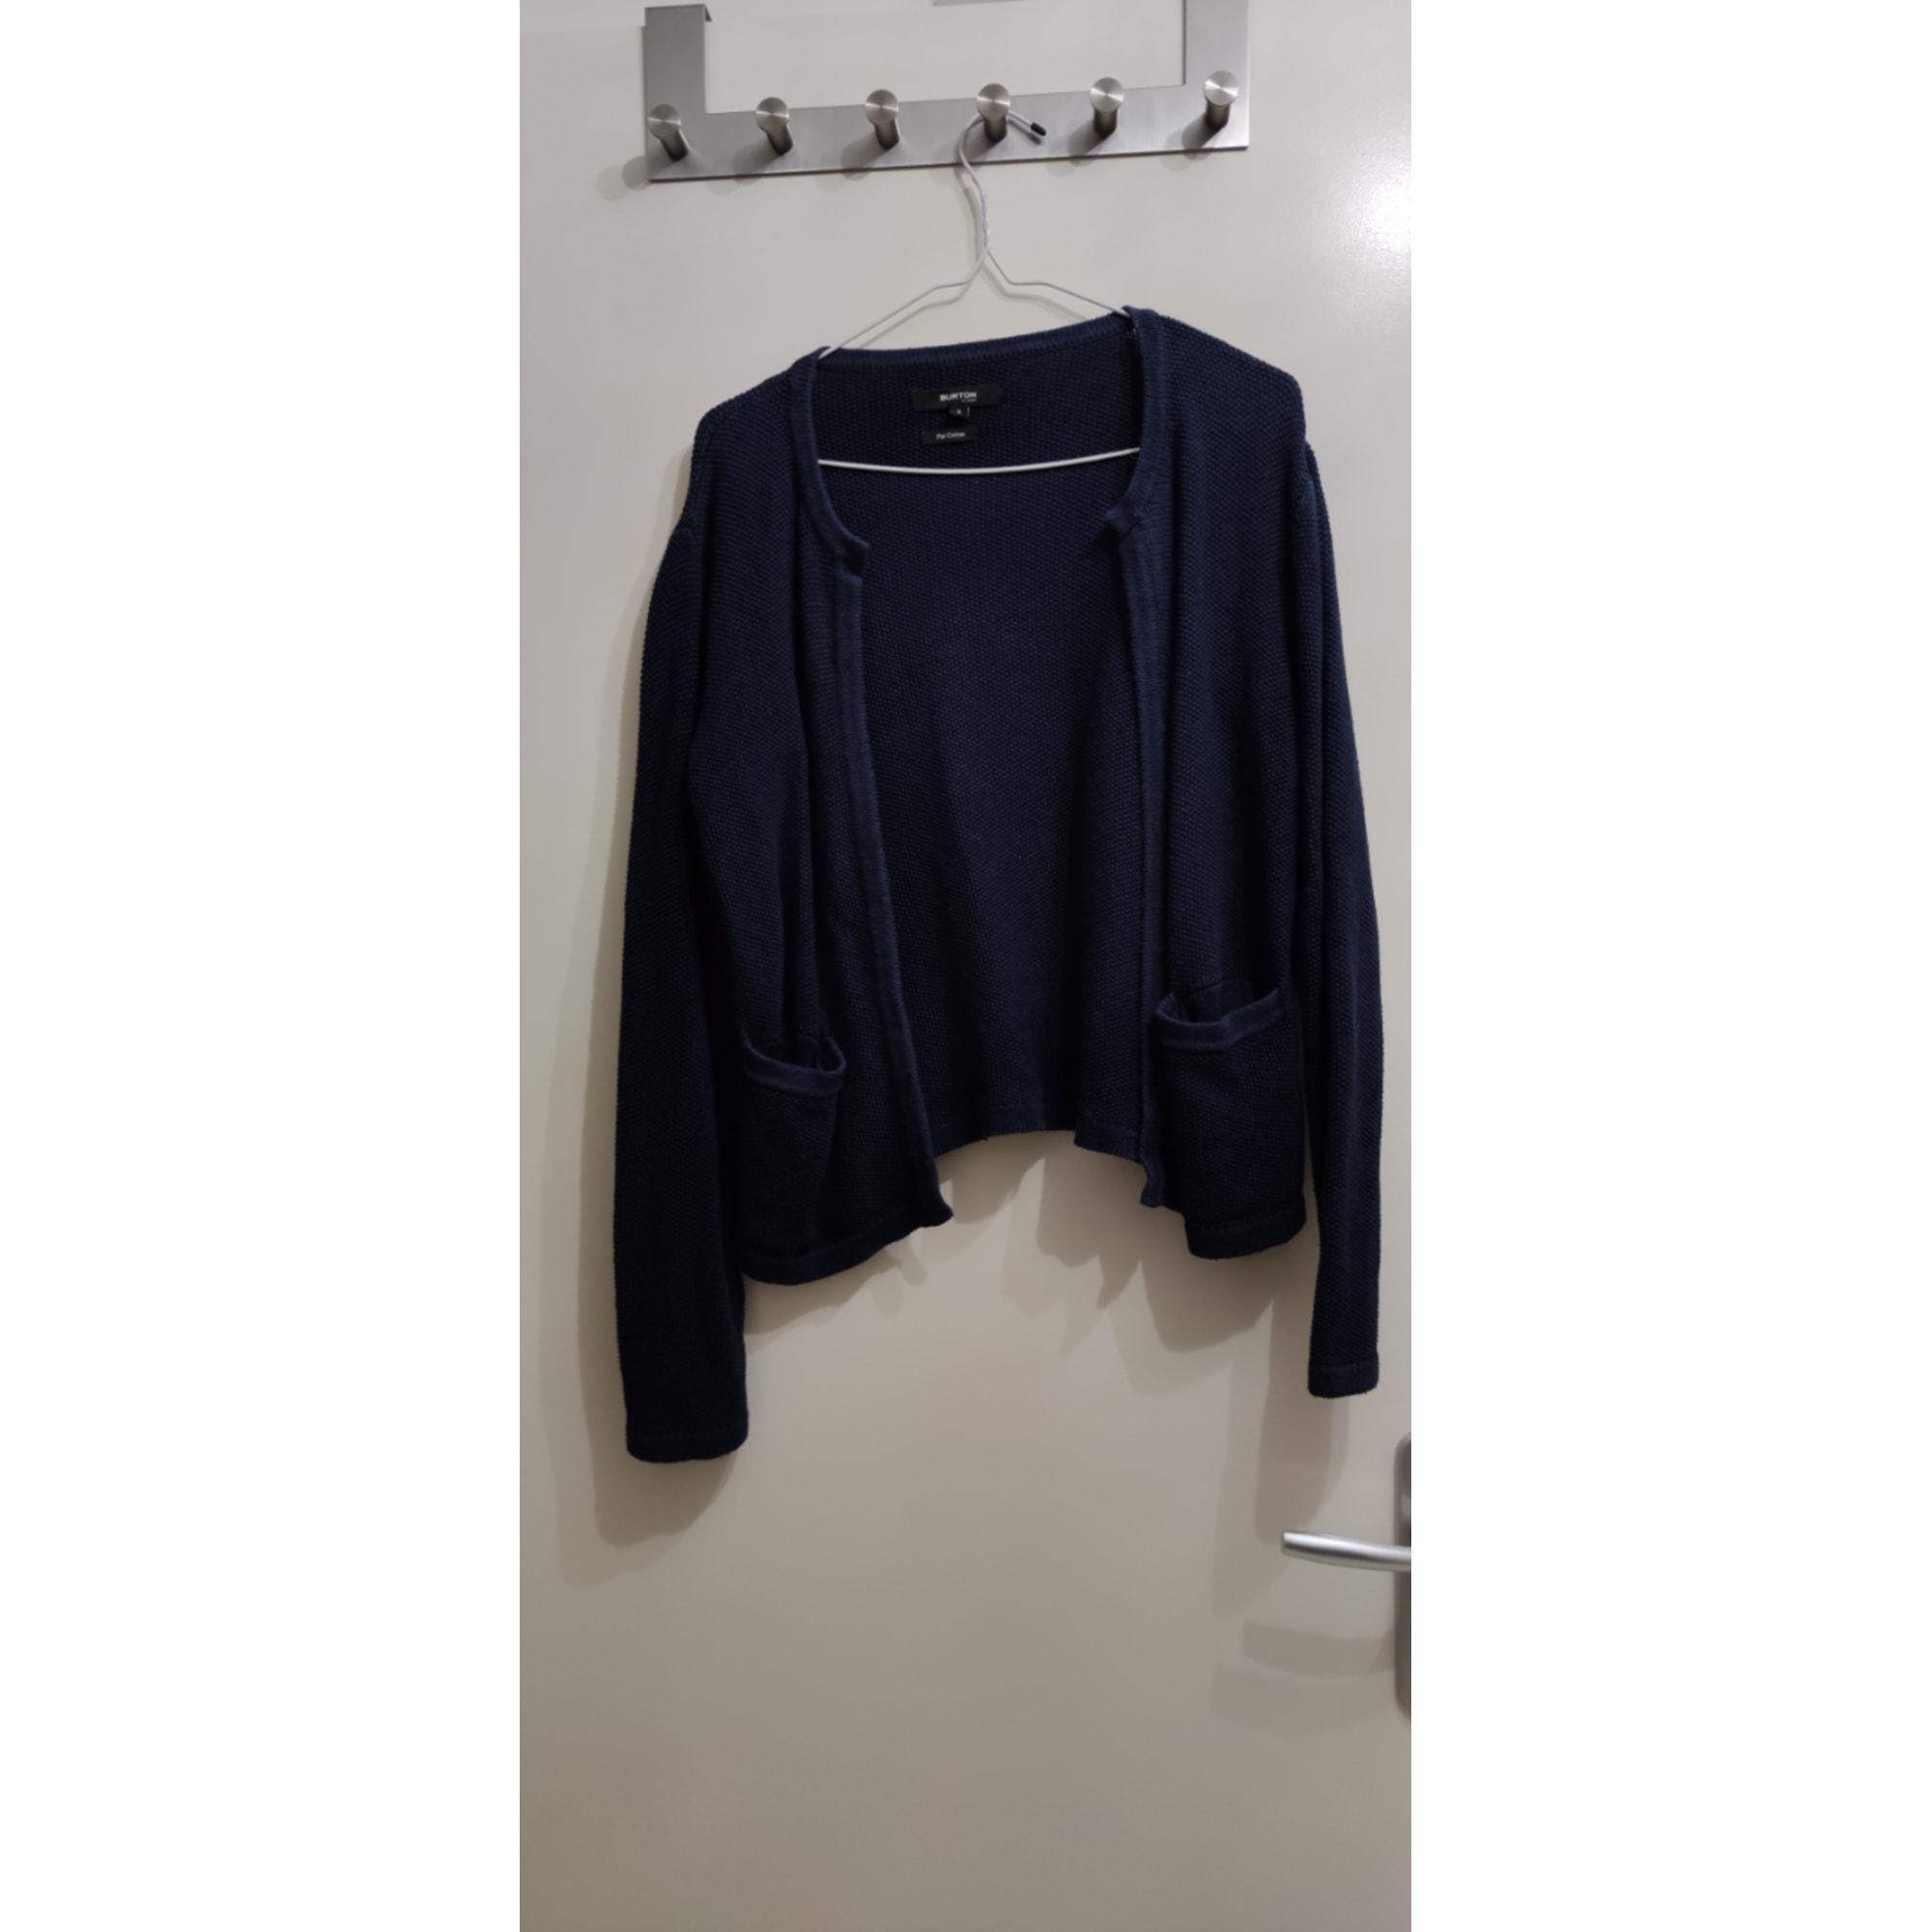 Gilet, cardigan BURTON Bleu, bleu marine, bleu turquoise